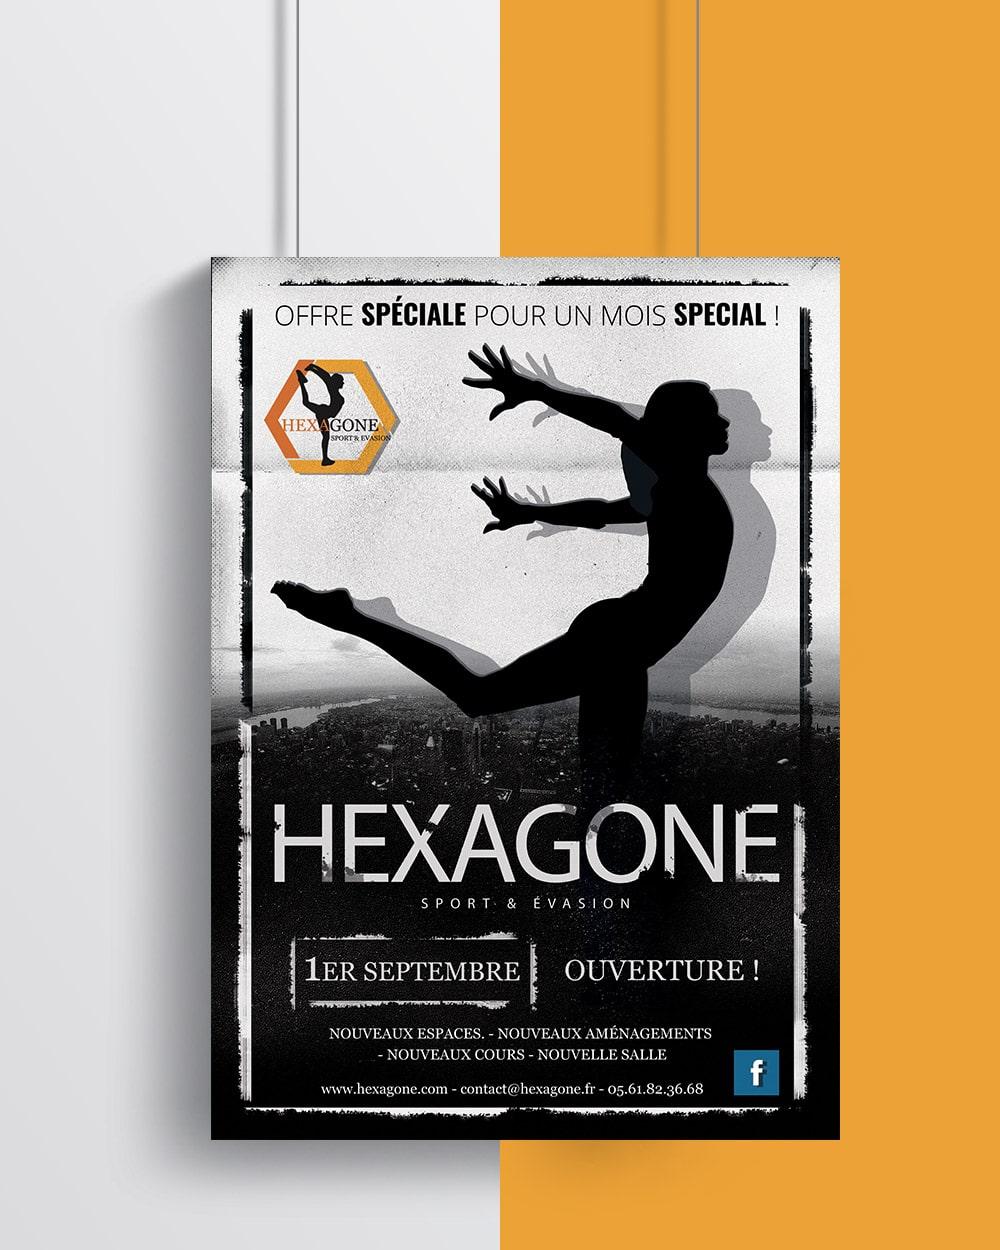 Hexagone Flyer